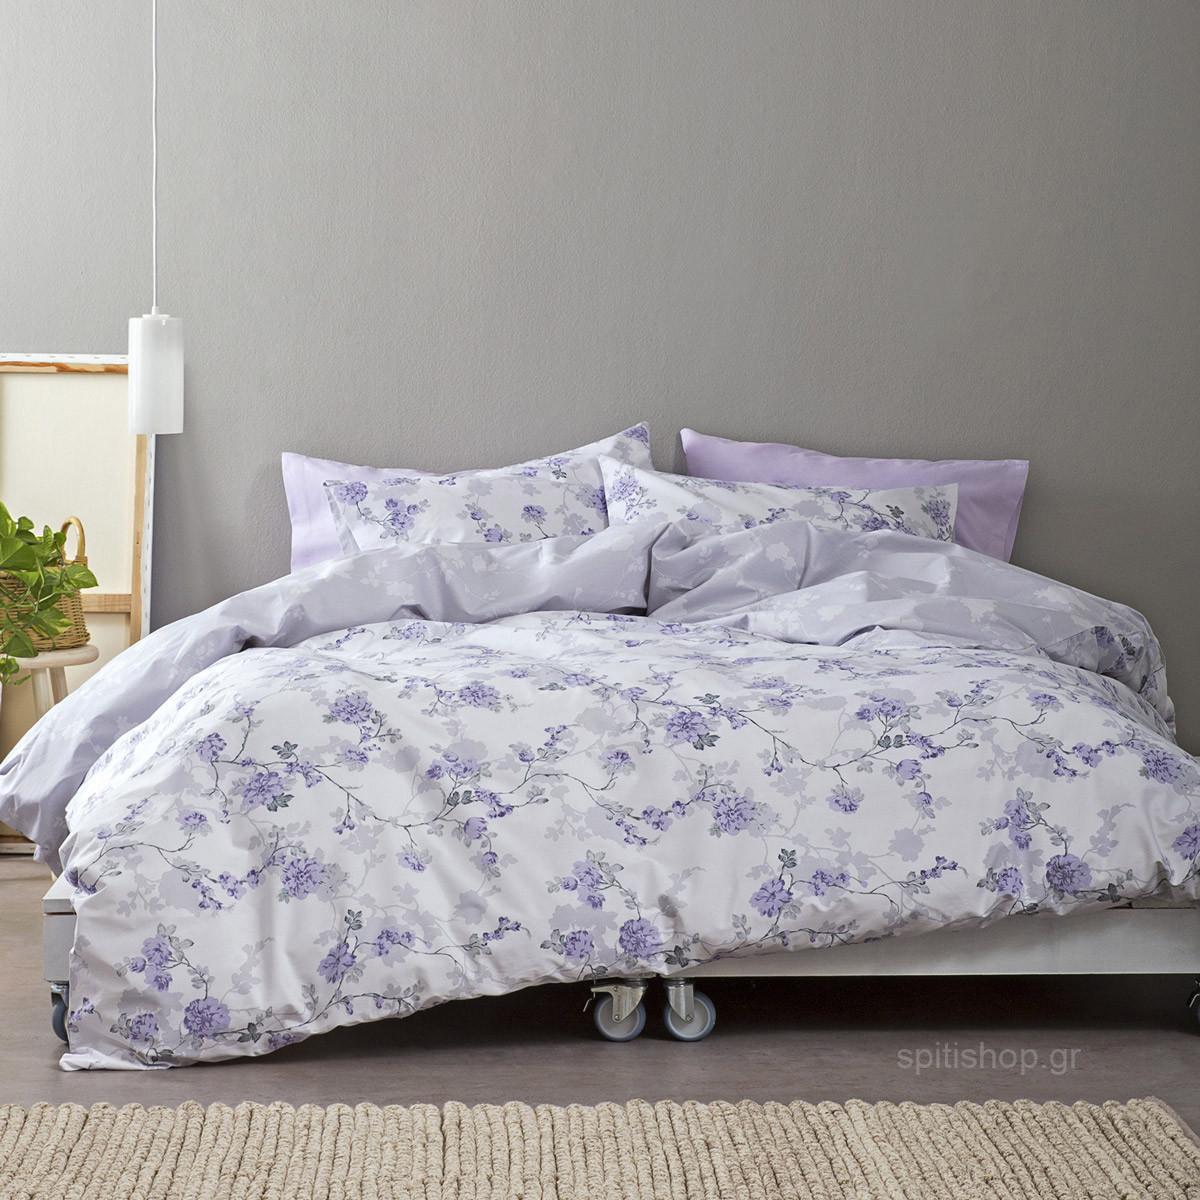 Σεντόνια Διπλά (Σετ) Nima Bed Linen Peonia Lilac home   κρεβατοκάμαρα   σεντόνια   σεντόνια ημίδιπλα   διπλά